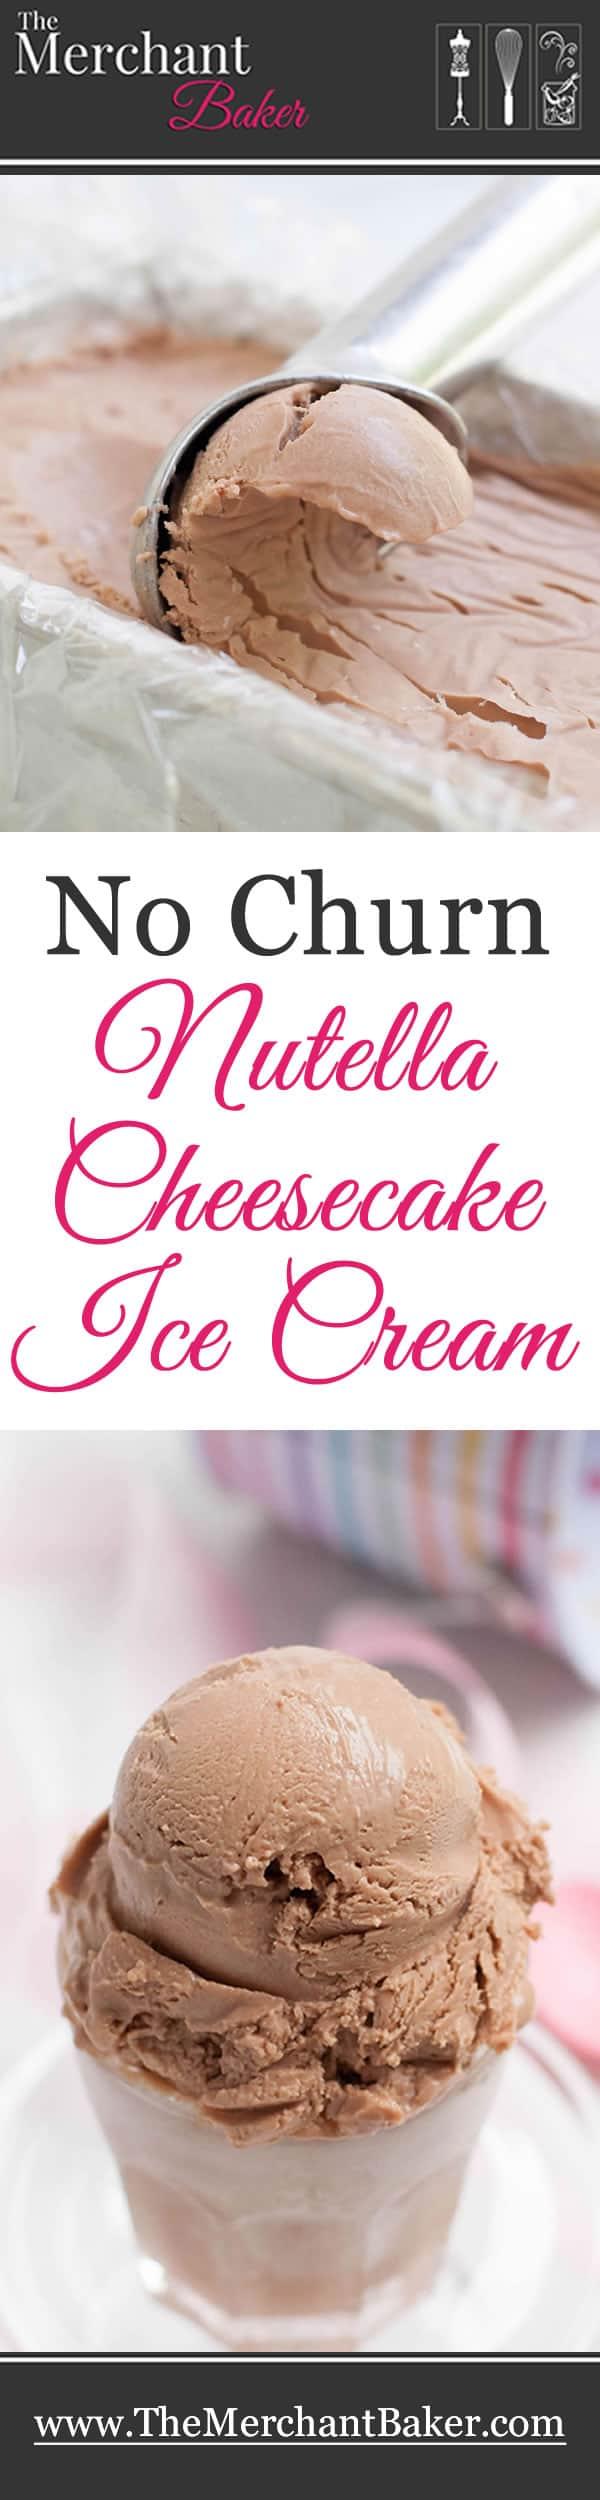 No Churn Nutella Cheesecake Ice Cream